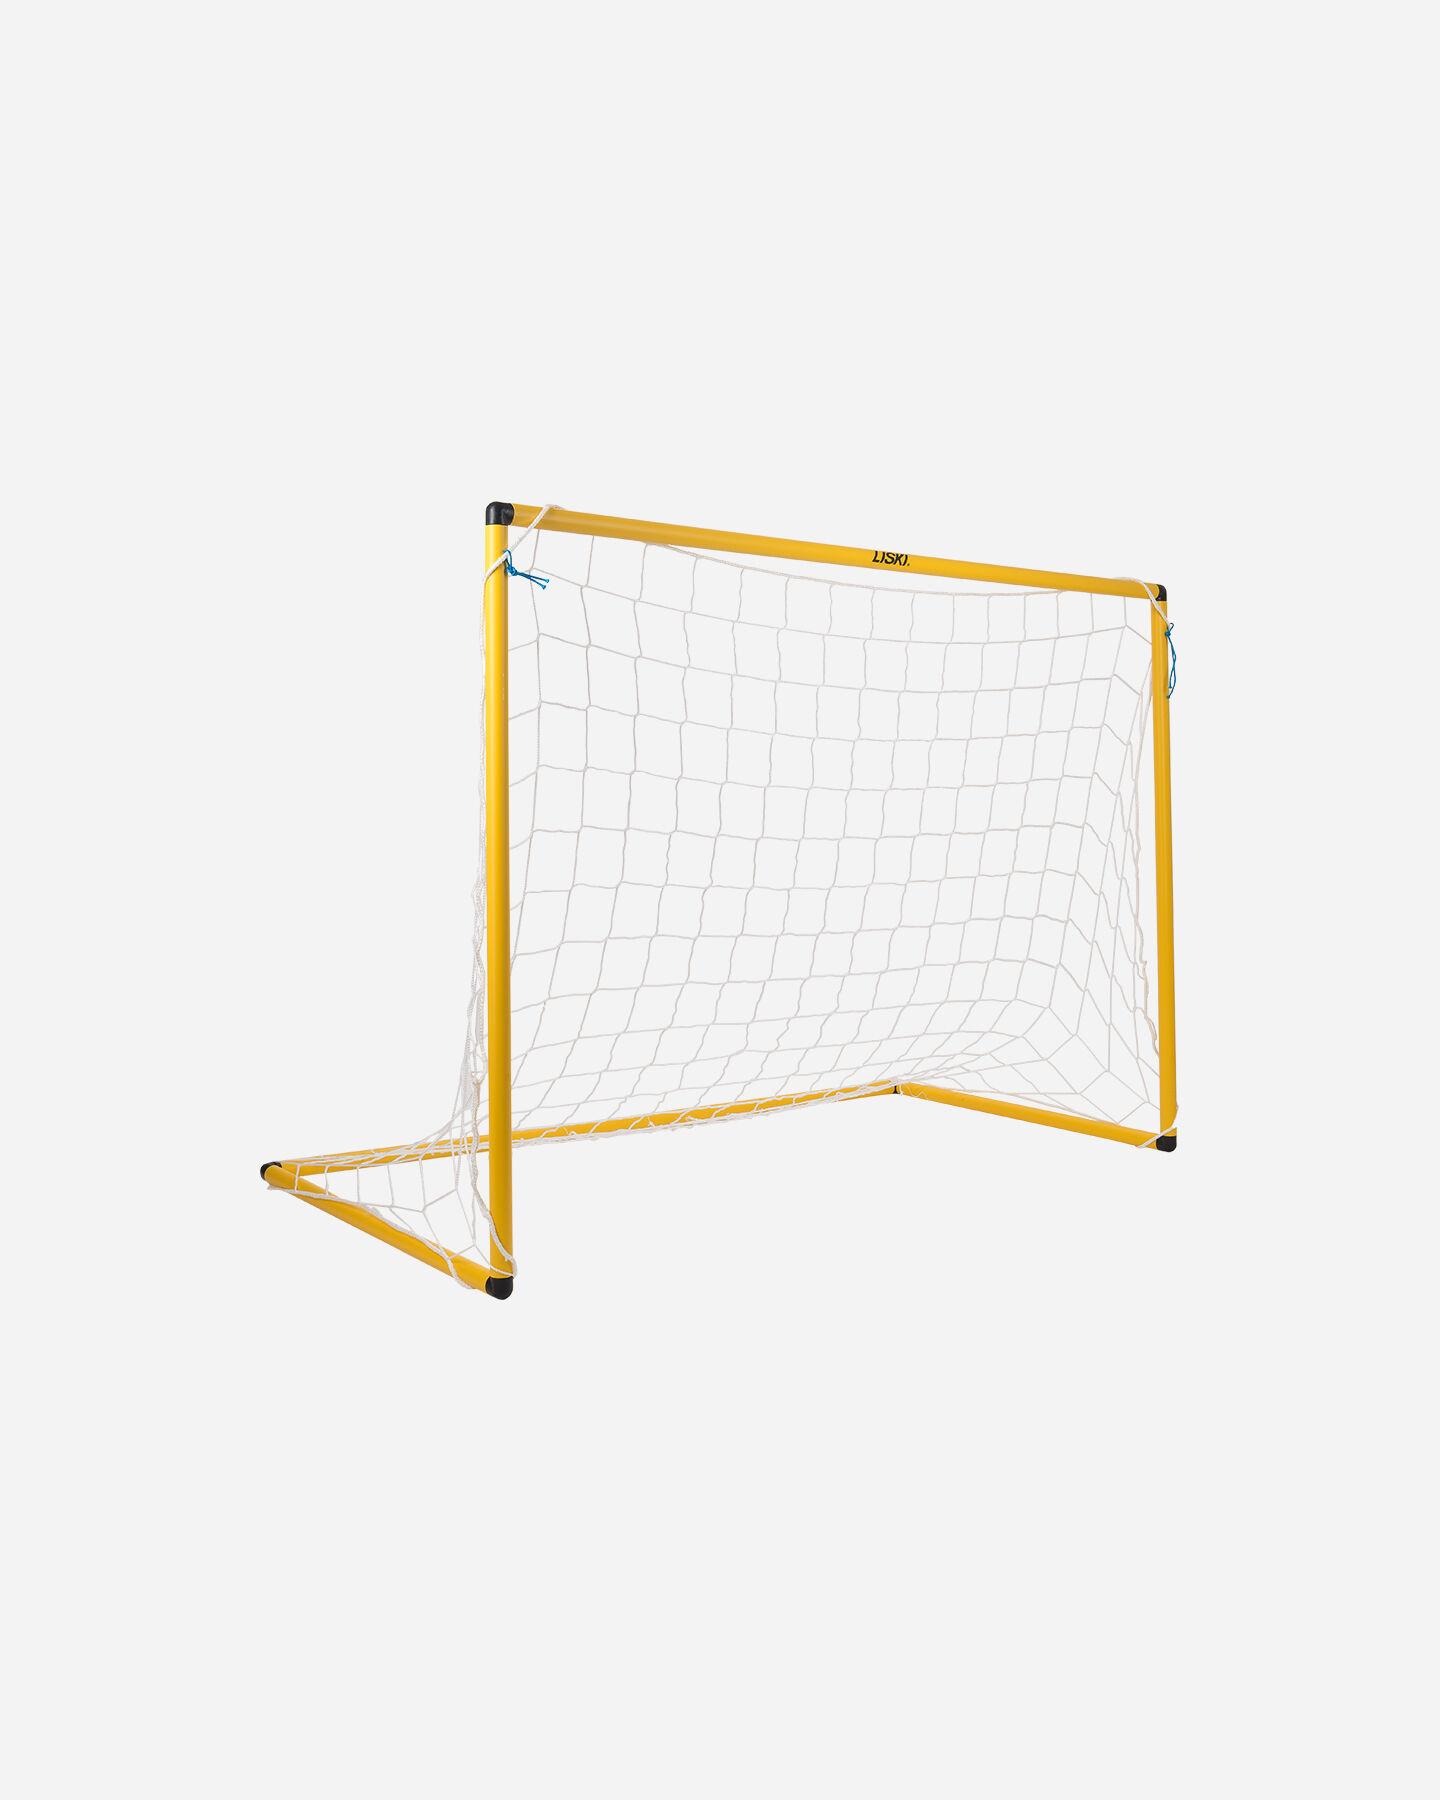 Attrezzatura calcio ARTISPORT PORTA RIDOTTE S0084267|9999|UNI scatto 1